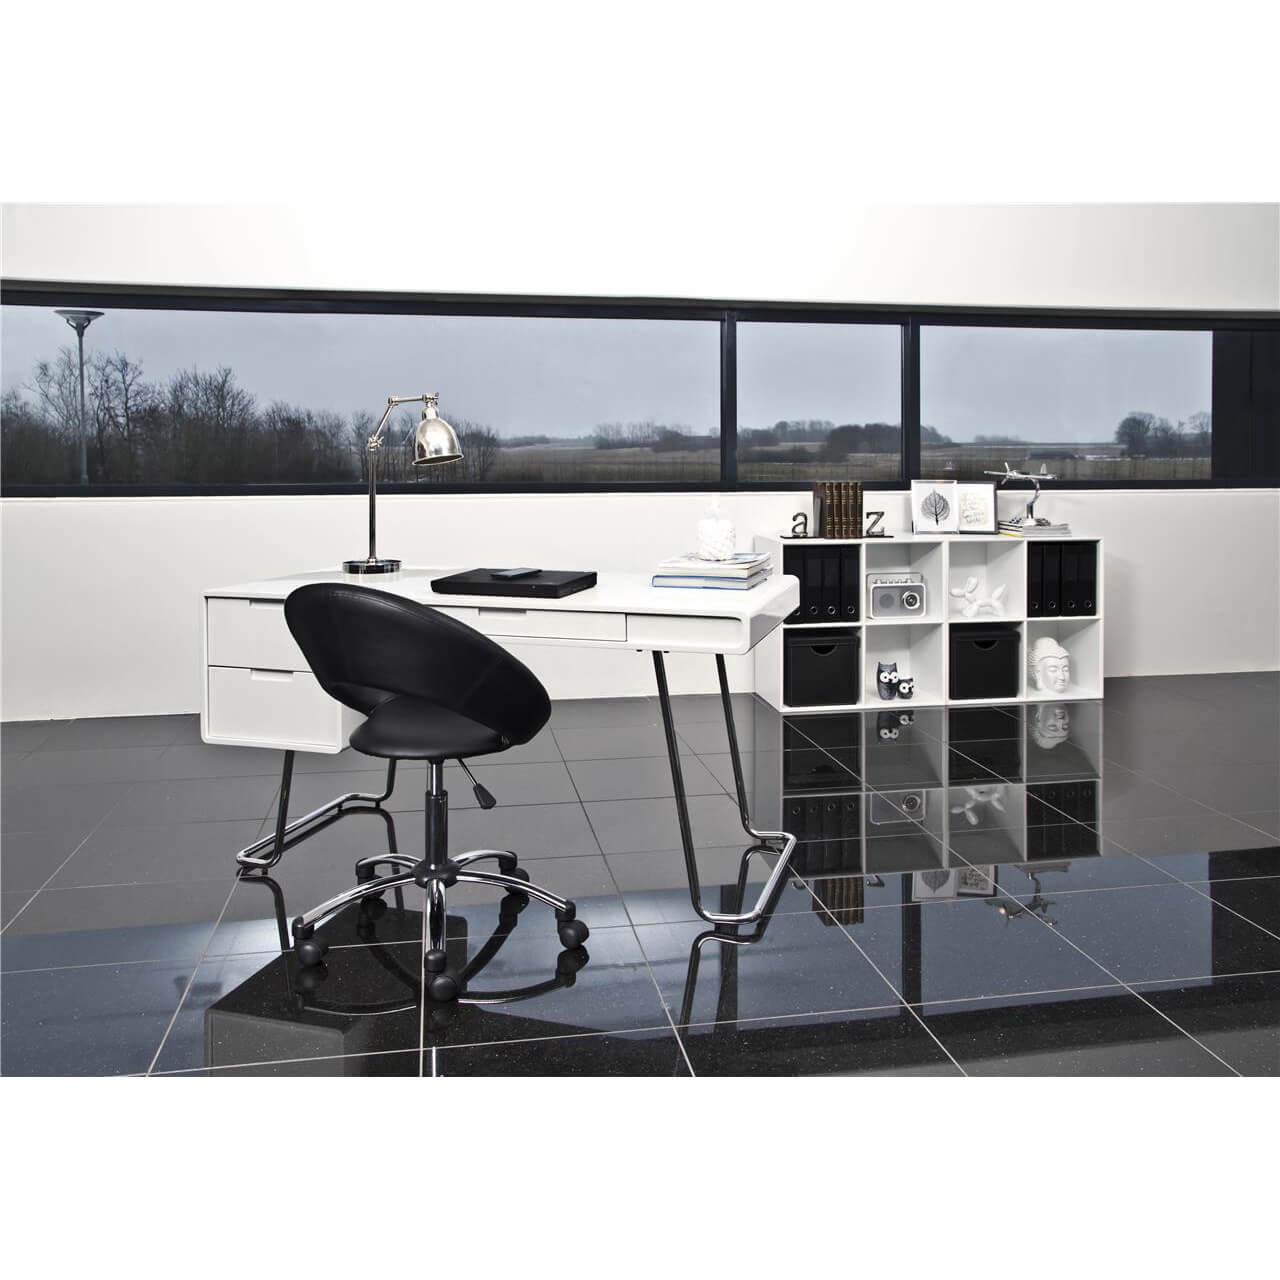 Caspian Black Desk Chair Faux Leather 3